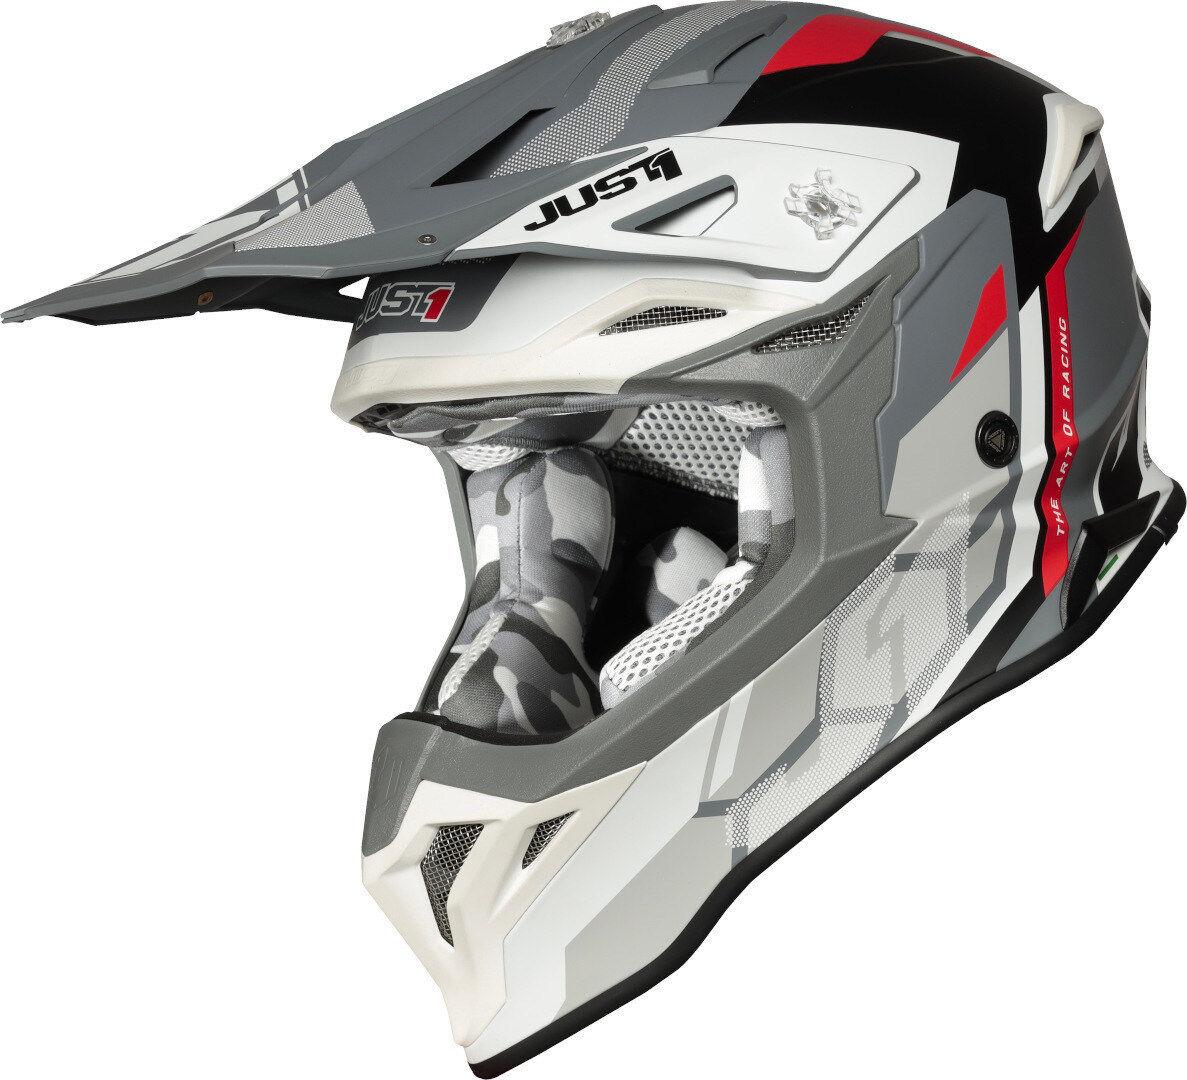 Just1 J39 Reactor Motocross kypärä  - Harmaa Valkoinen Punainen - Size: M